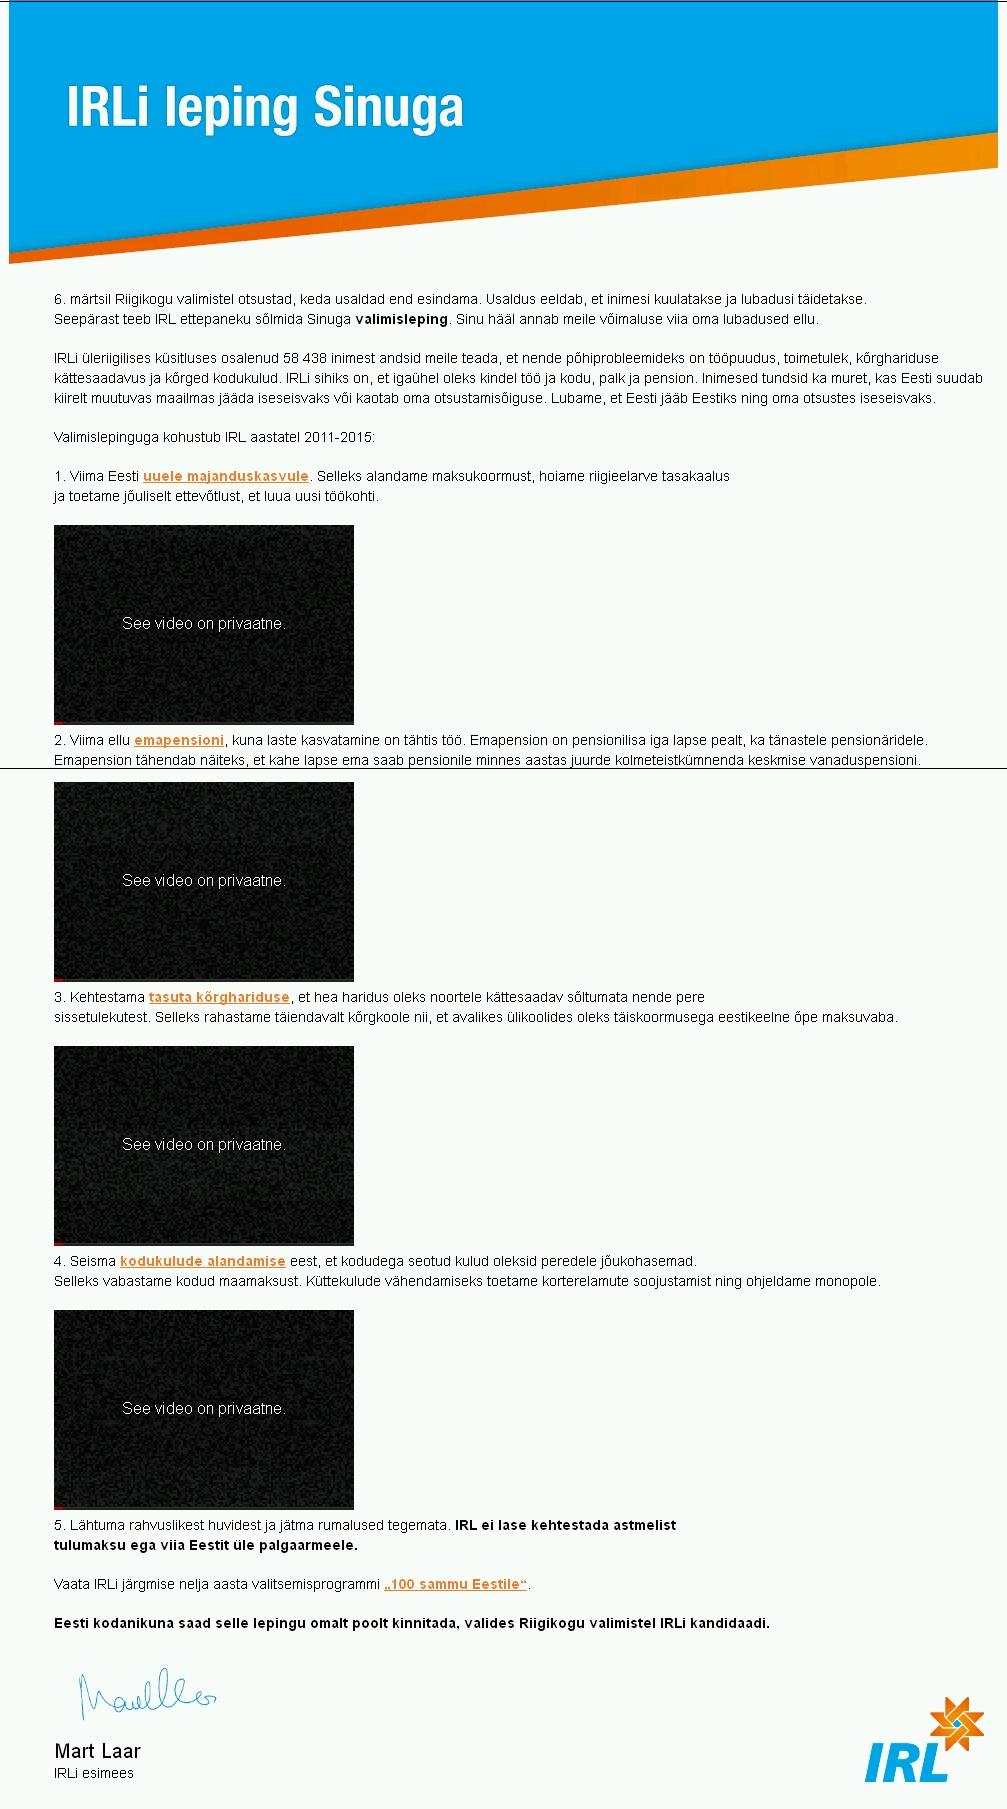 IRL-i leping valijaga on rikutud, videod on pandud paroolide taha. Ekraanipilt 28. september 2012 seisuga.